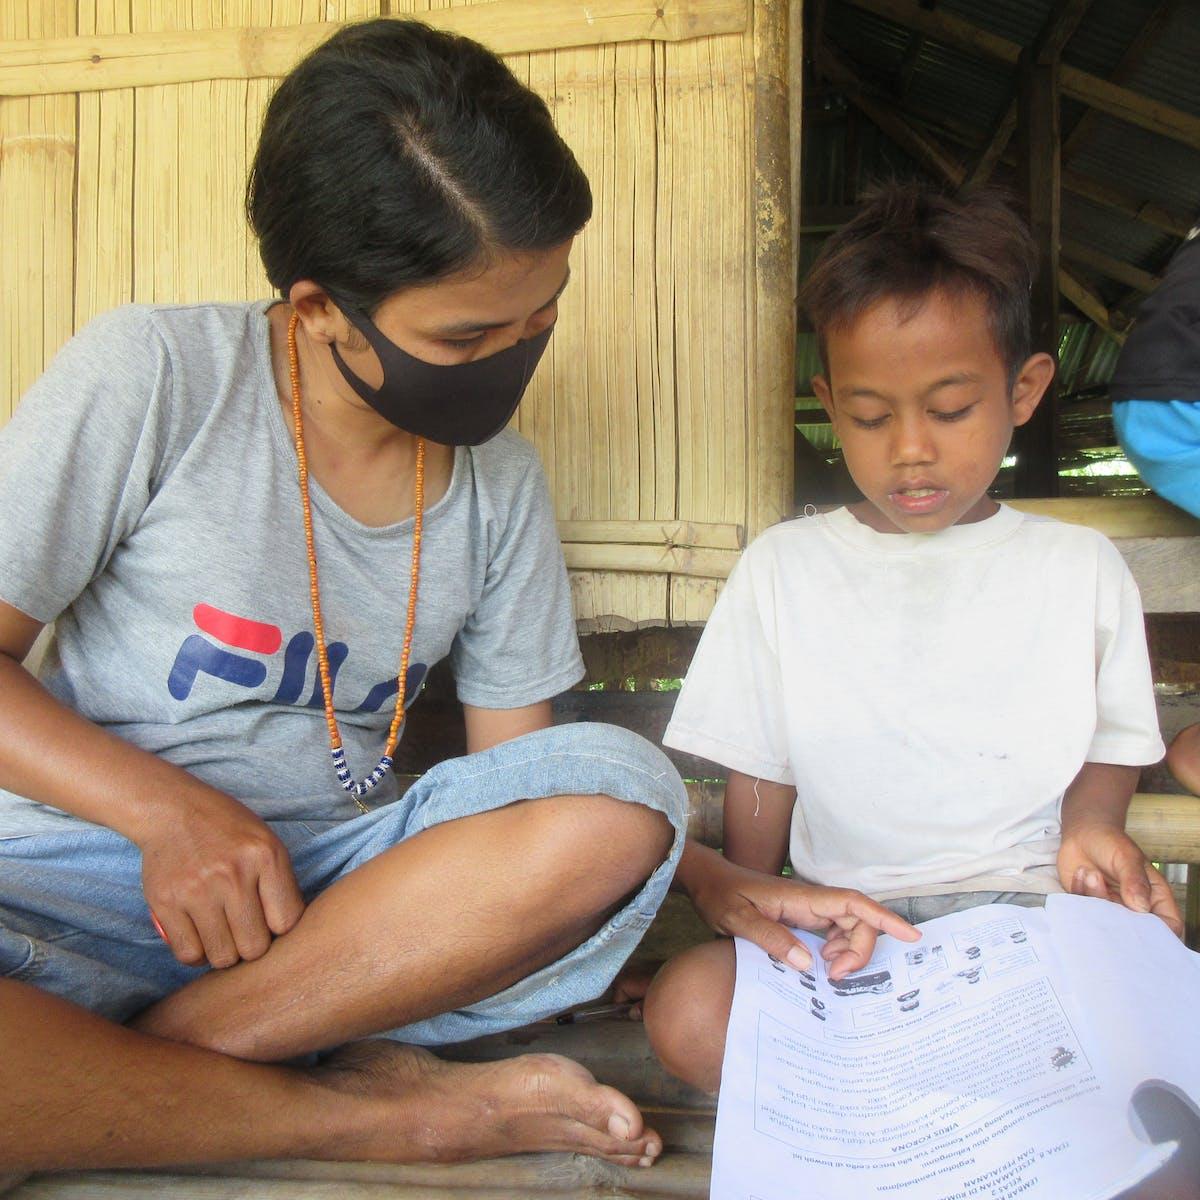 Dampak Covid 19 Terhadap Pendidikan Anak Surveymeter